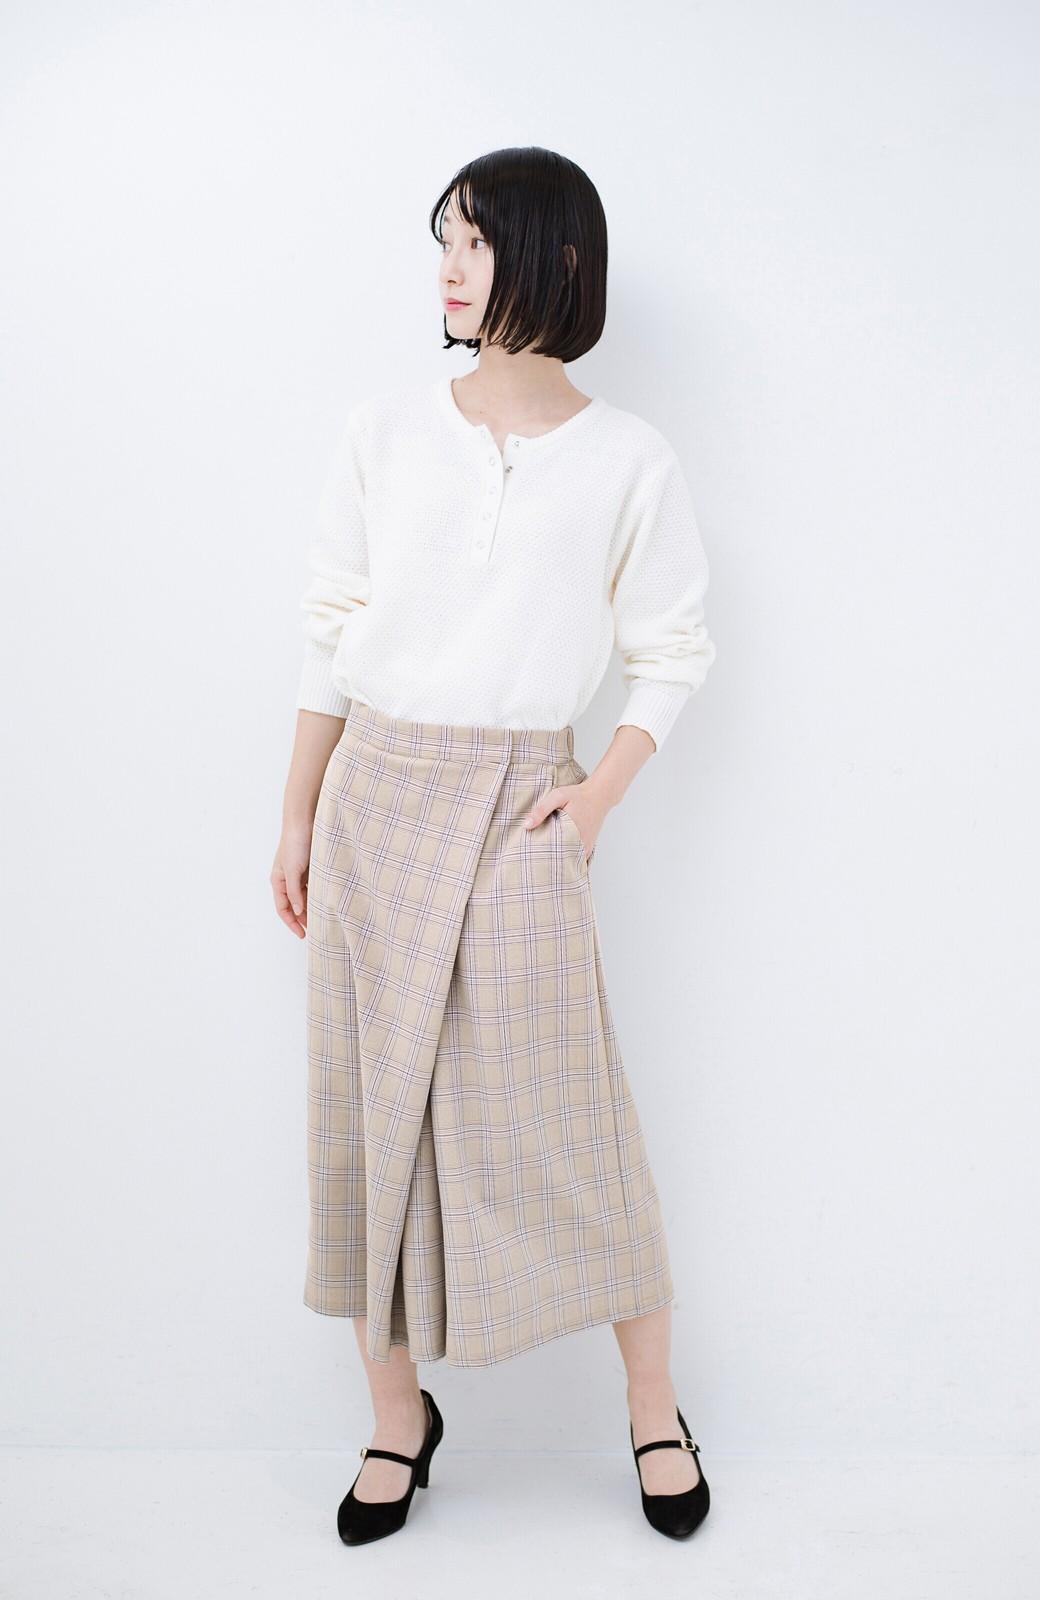 haco! 動きやすいのにちゃんと女子見え スカートみたいな華やかチェックパンツ <ブラウン系その他>の商品写真10